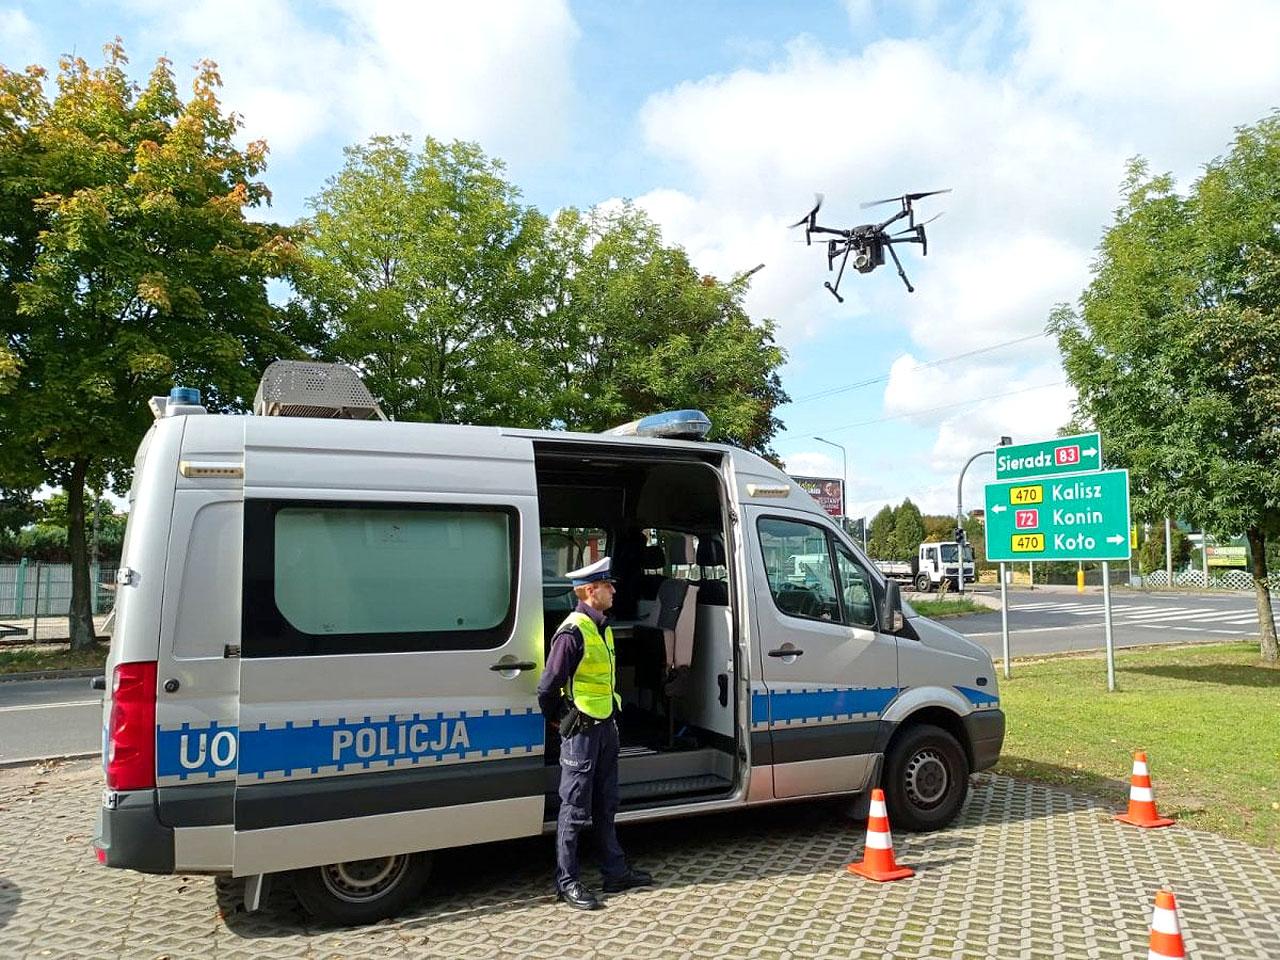 Policyjny dron w akcji. Ujawniono 29 wykroczeń drogowych dzięki użyciu drona.